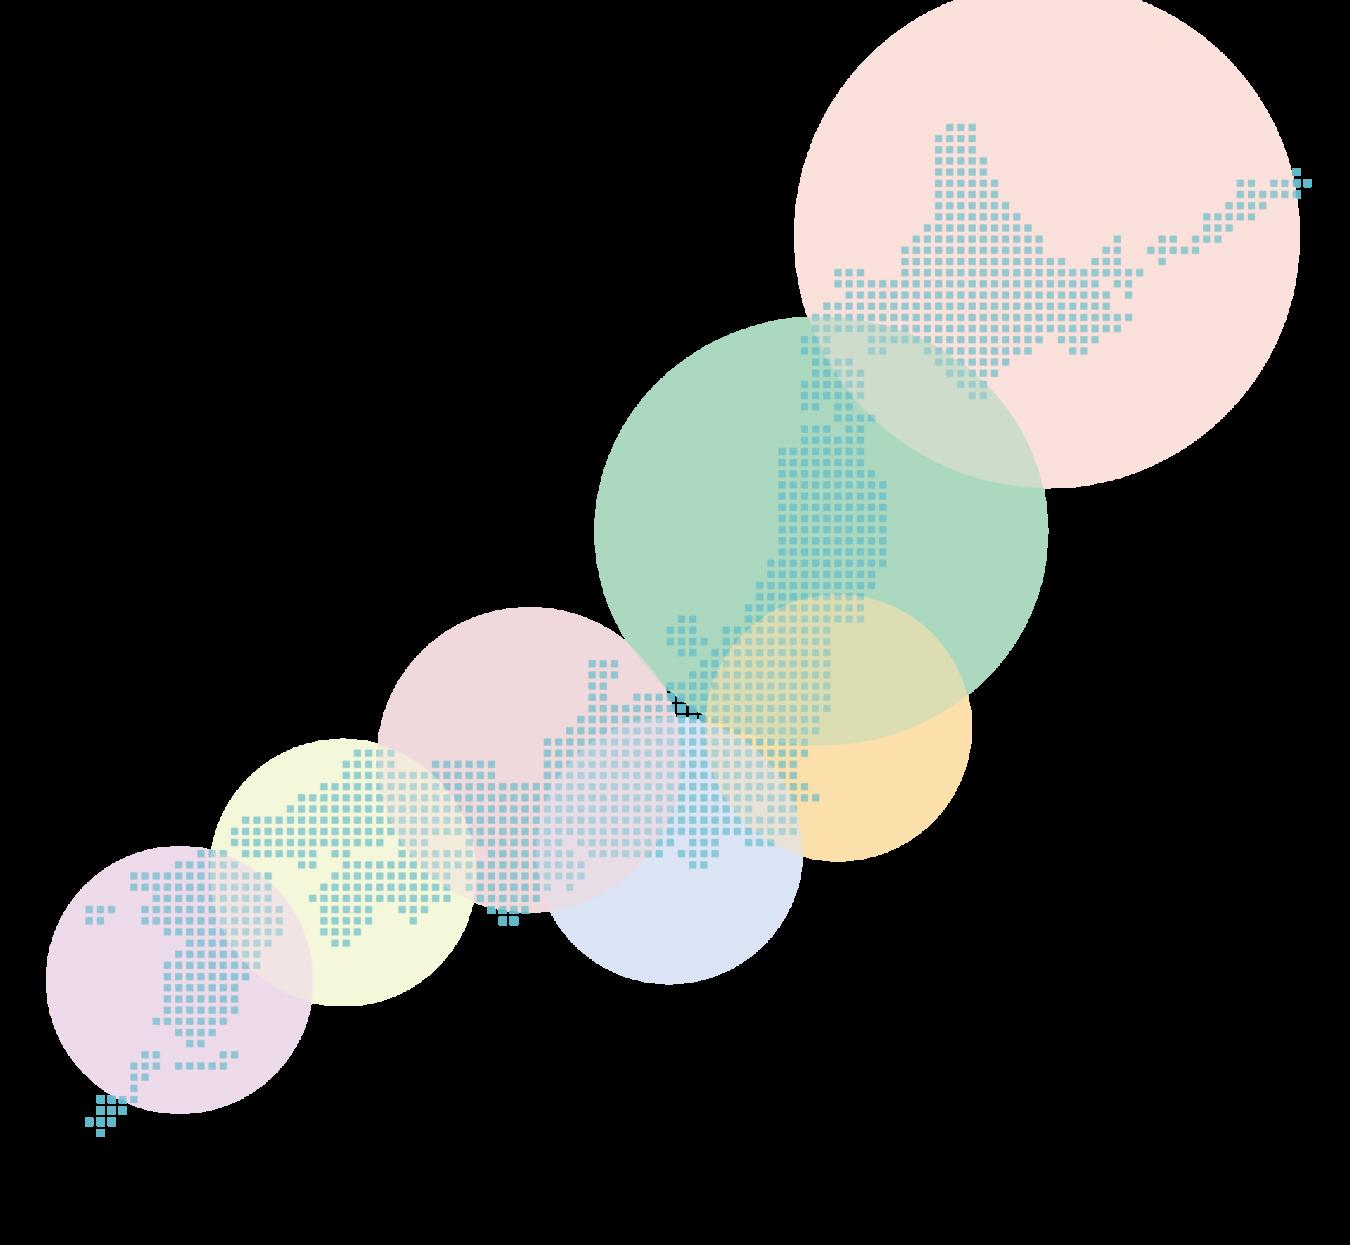 日本地図 イメージ